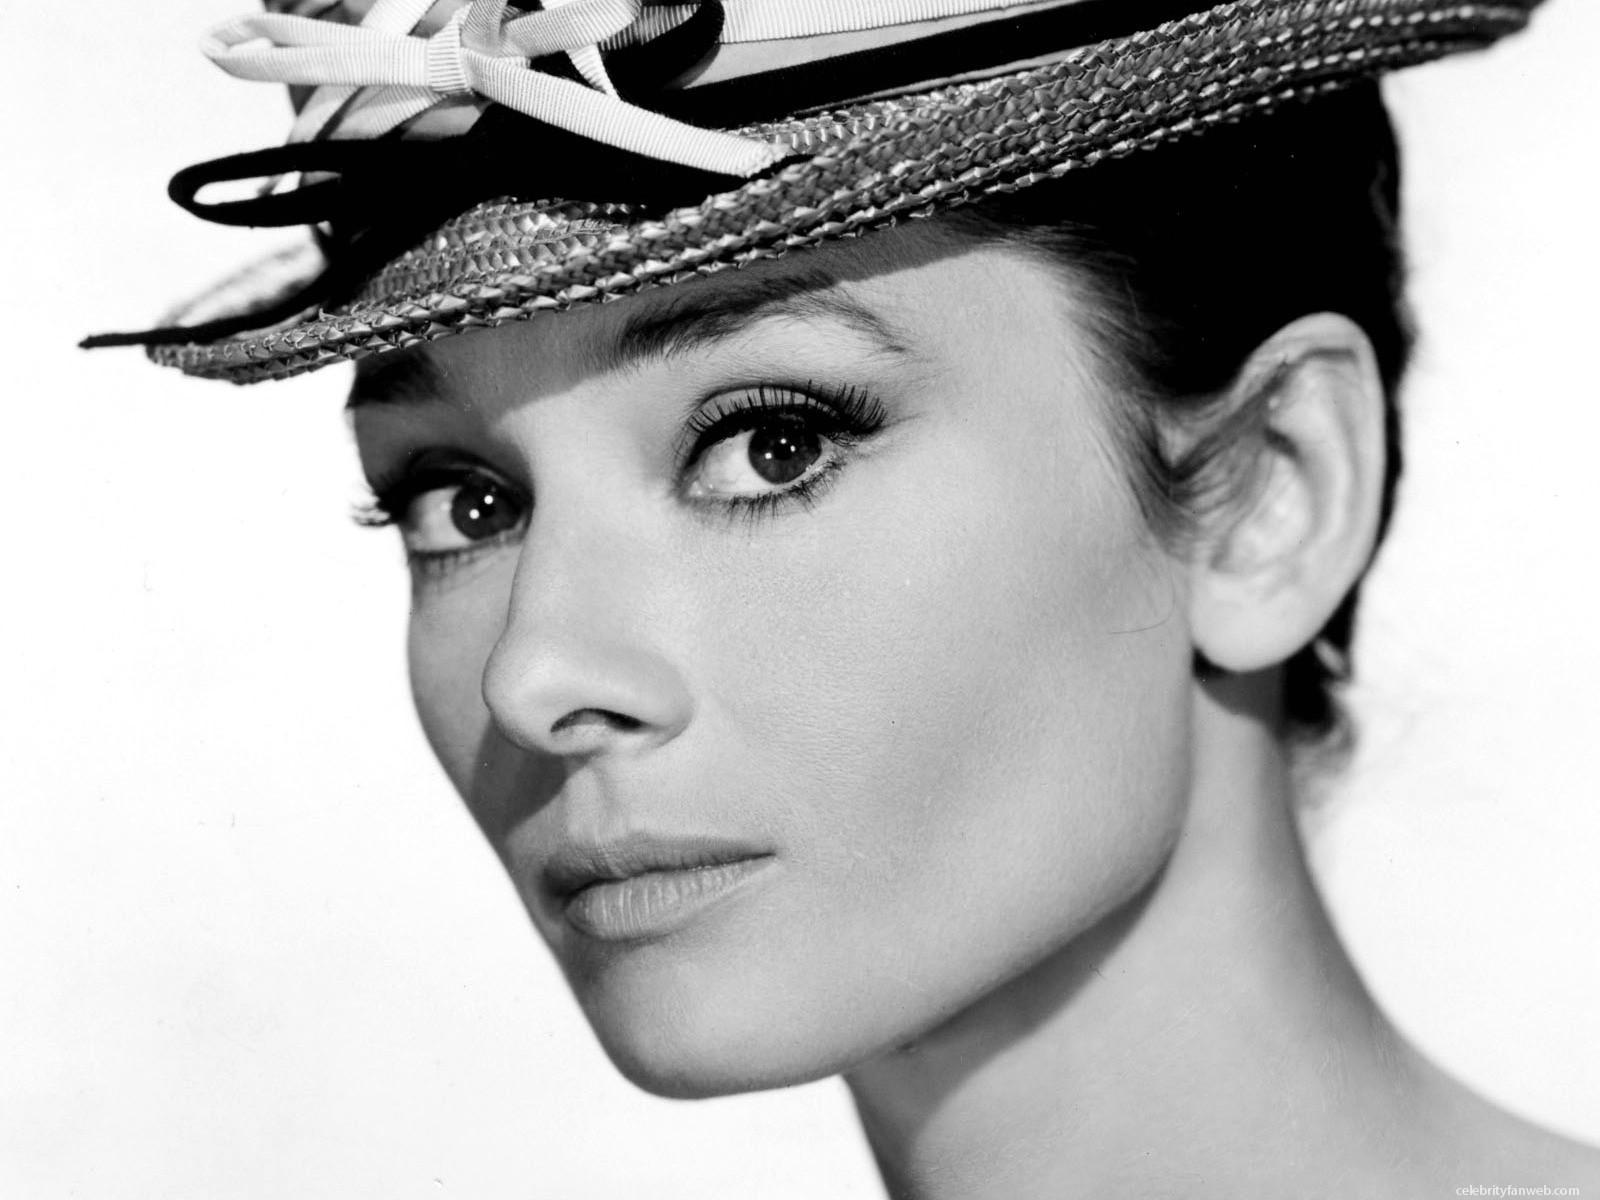 http://4.bp.blogspot.com/-RjTDGuGdqBg/Td0KaSDvBhI/AAAAAAAAAIk/f1JYqYgu3iU/s1600/Audrey-Hepburn-Photos-7.jpg